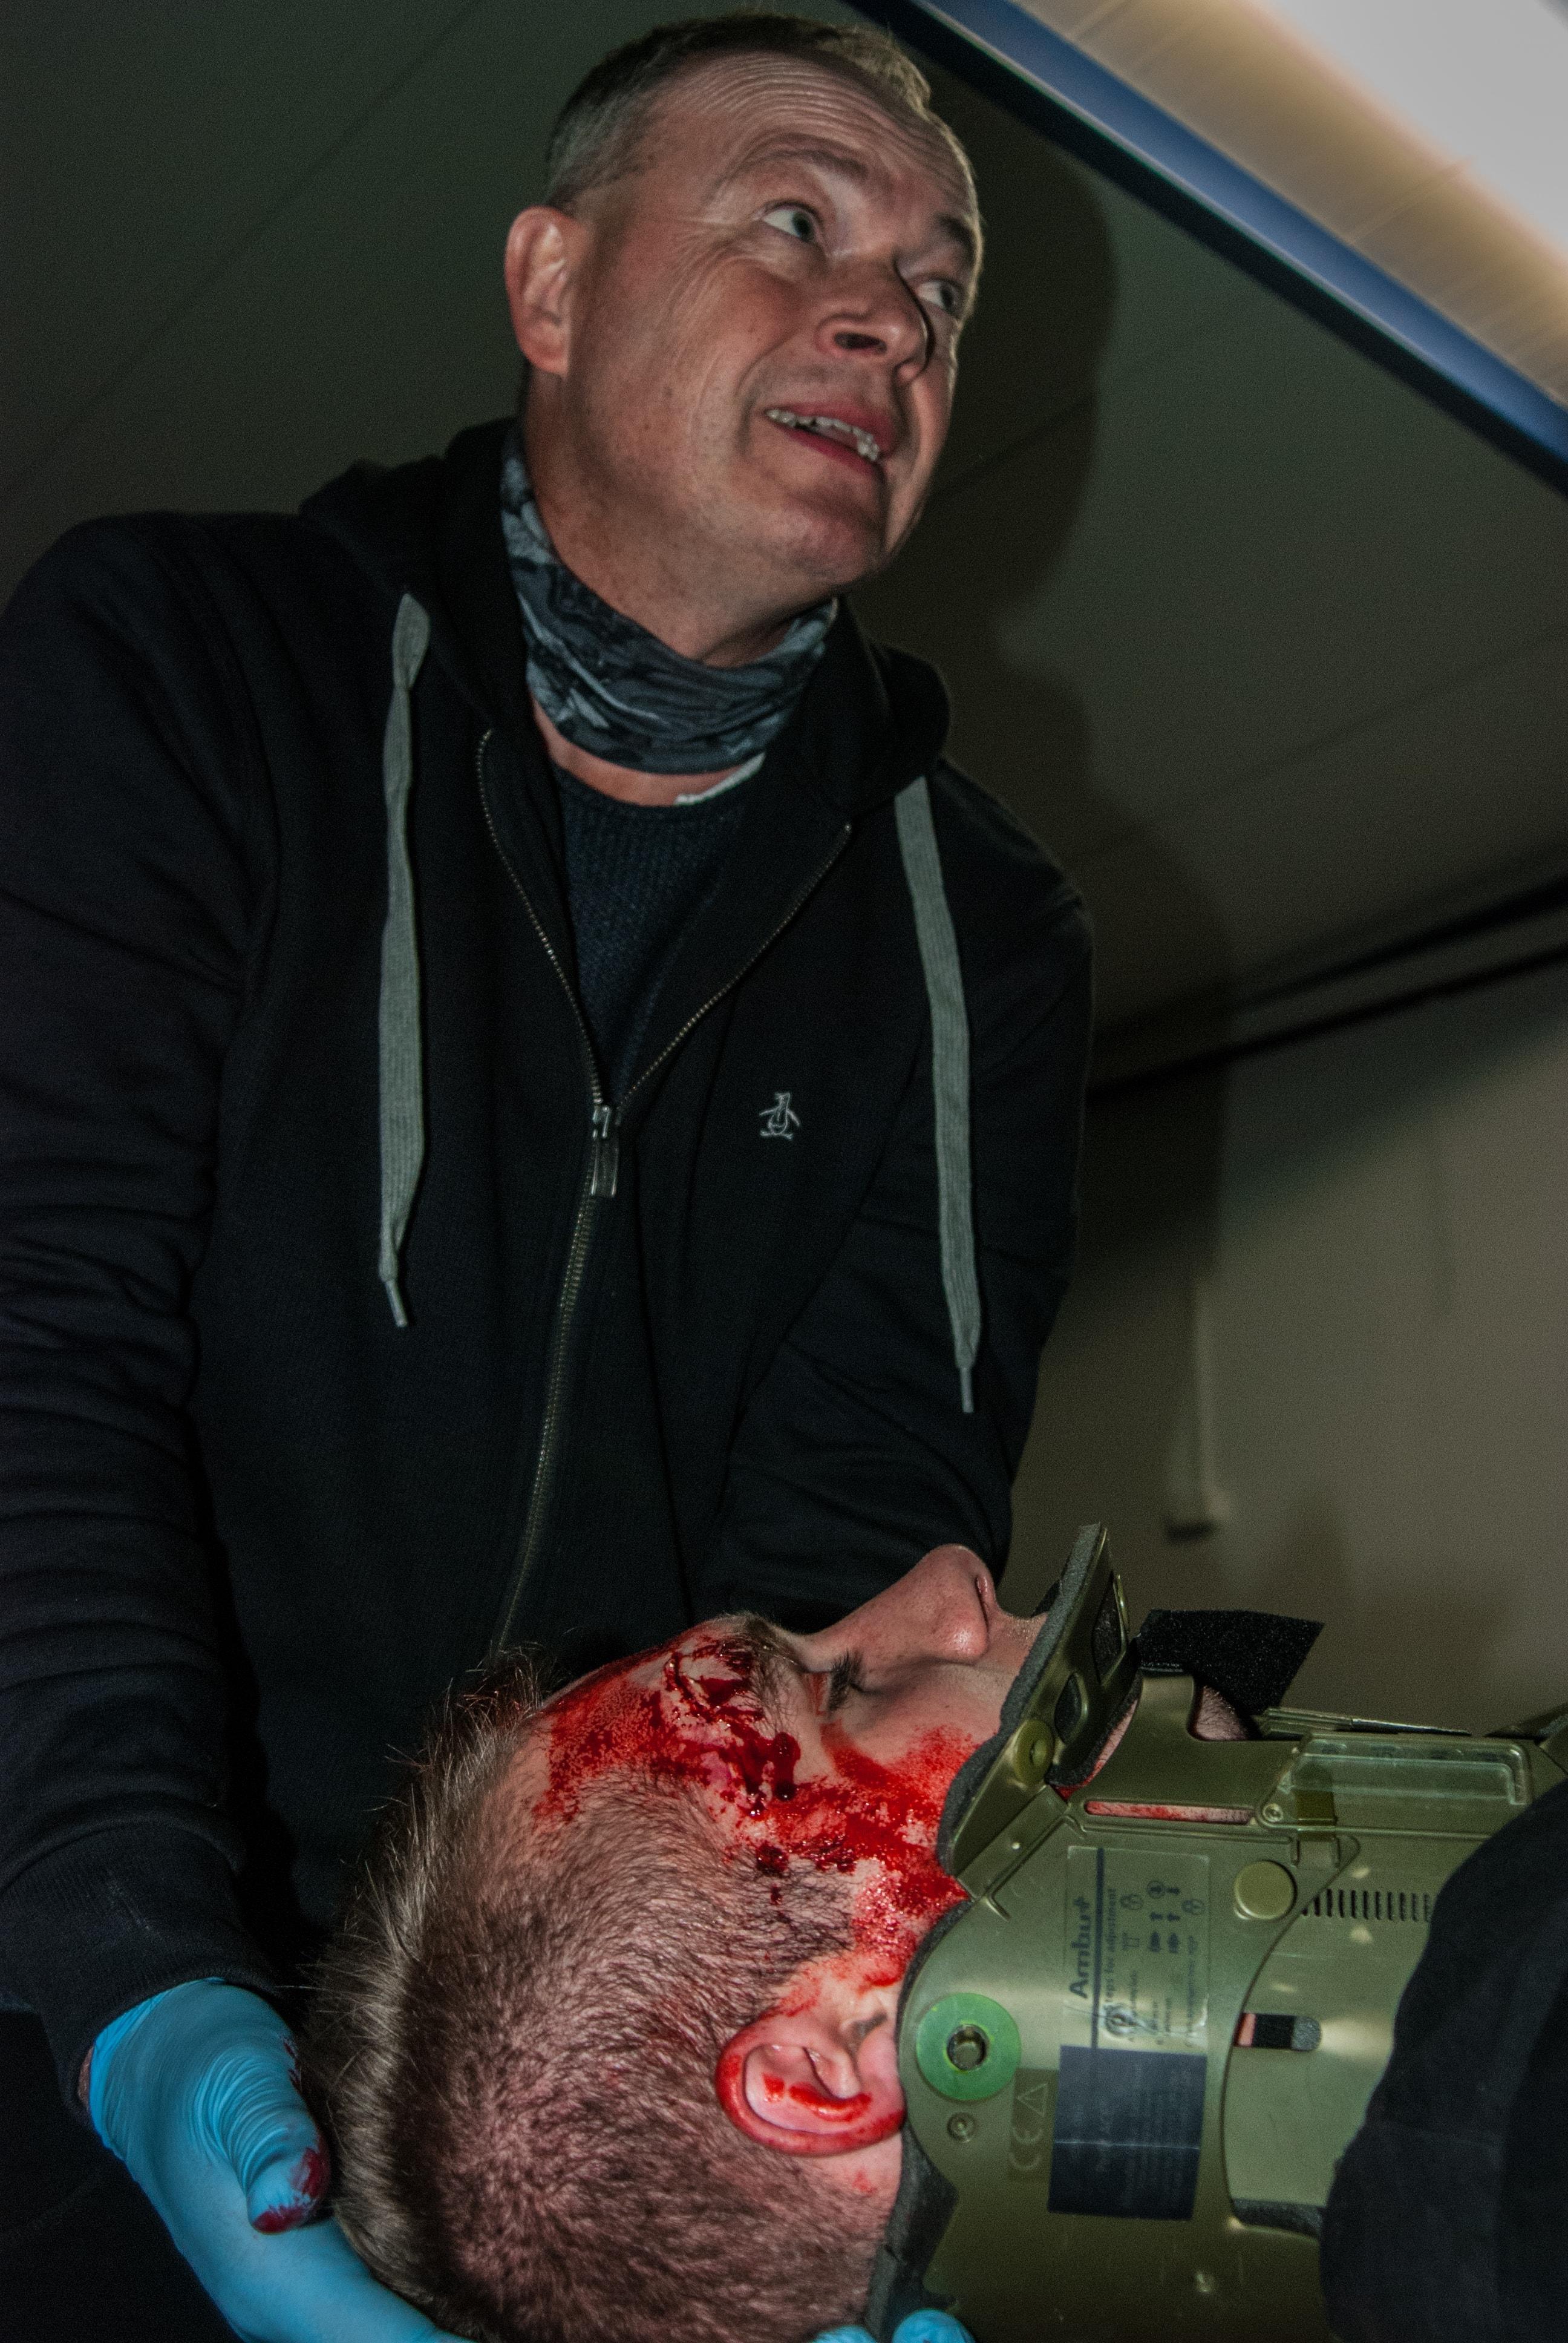 pierwsza pomoc uraz kręgosłupa, kołnierz ortopedyczny, sztuczna krew class=